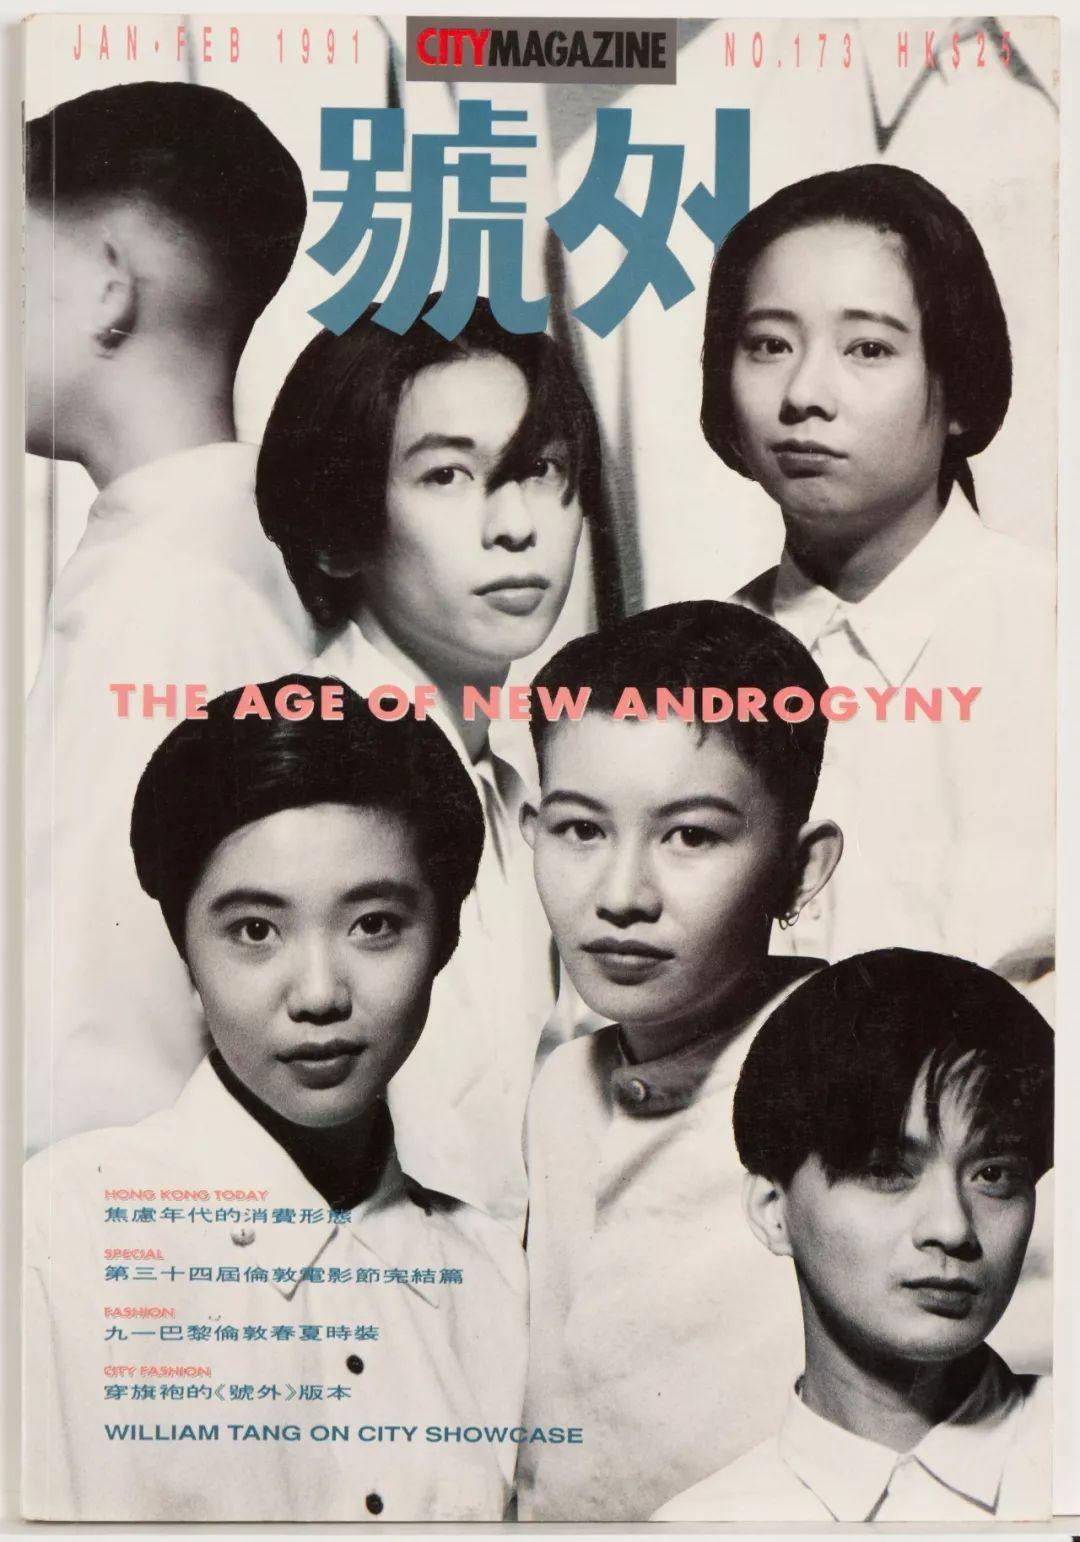 近500张封面,记录了属于70、80、90后的滚烫青春